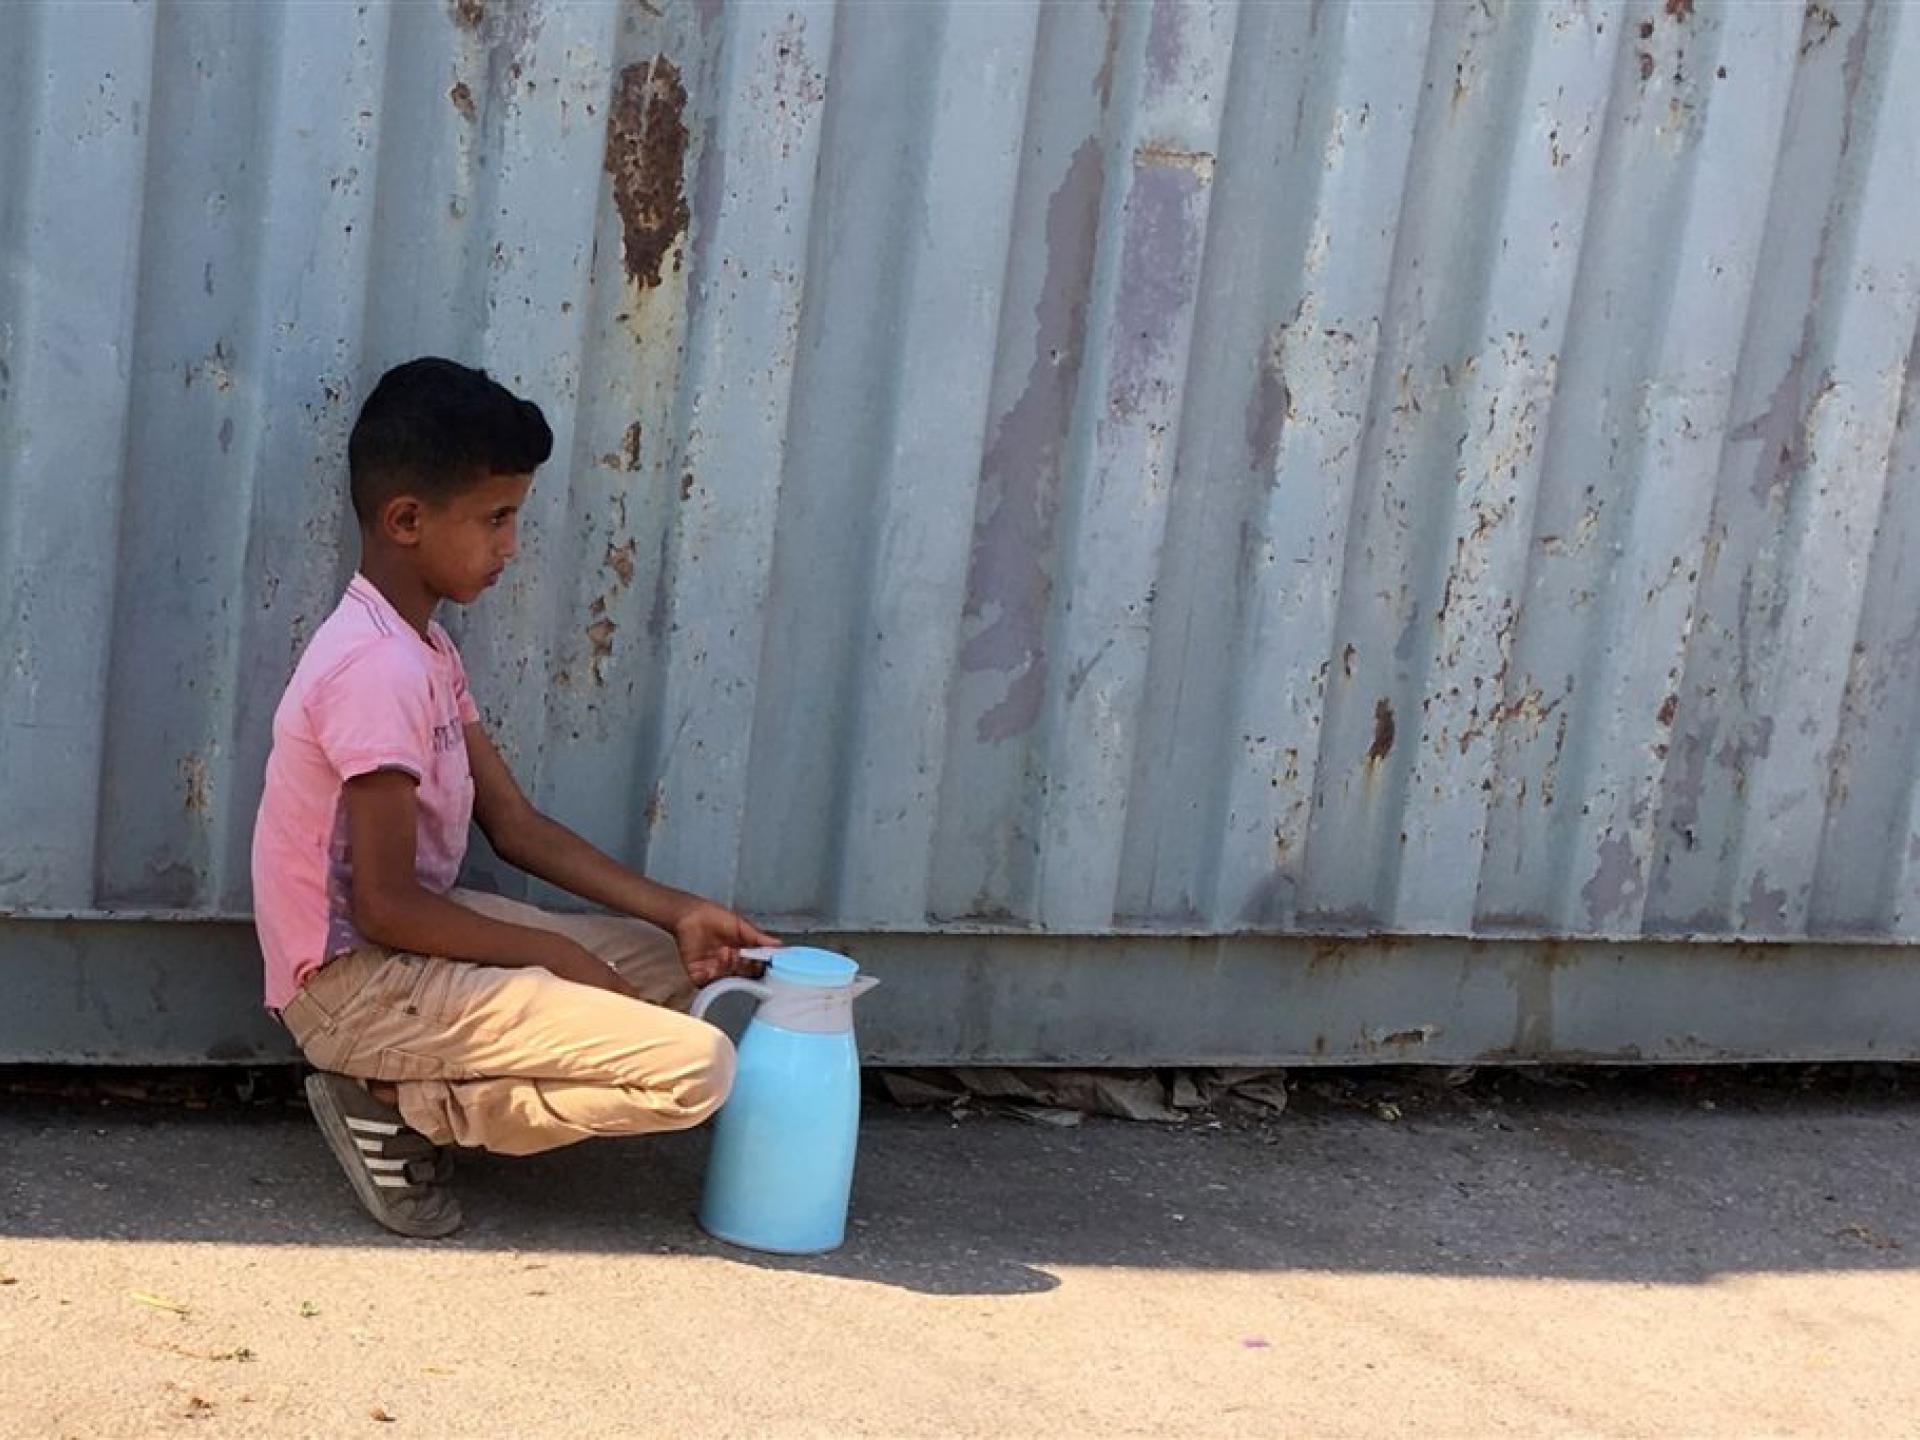 מחסום ברטעה: מוכר קפה בן 10